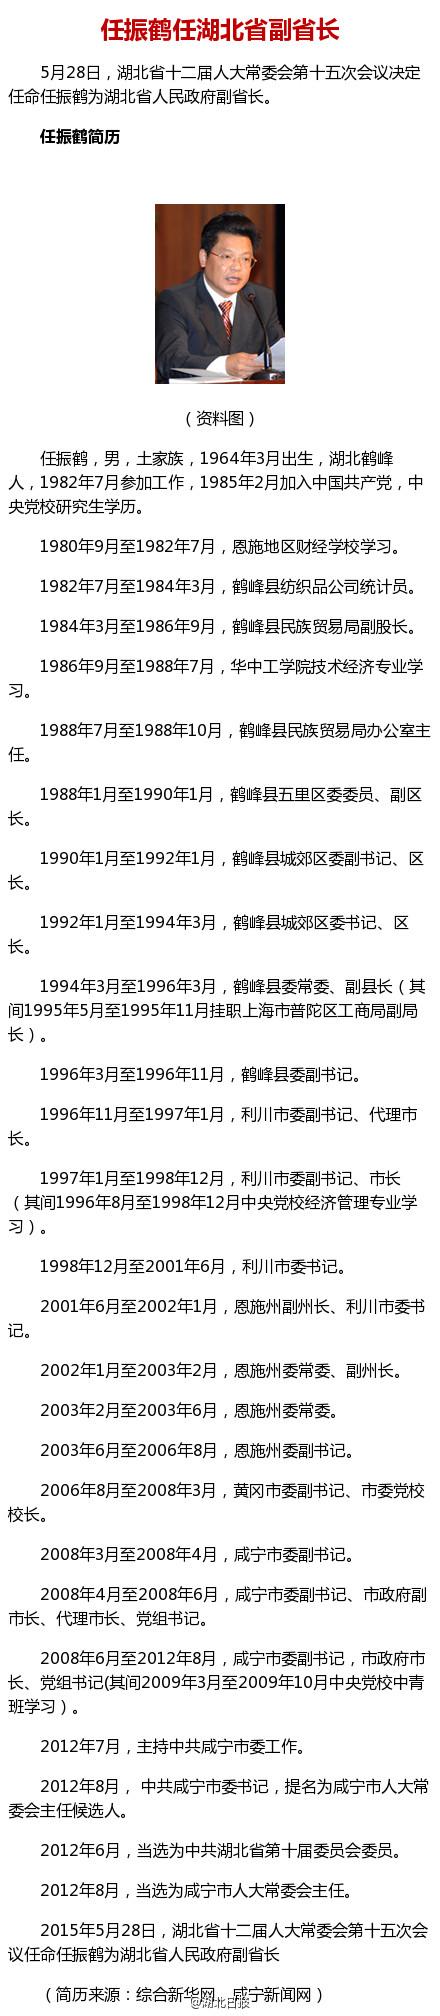 任振鹤任湖北省副省长(图/简历)